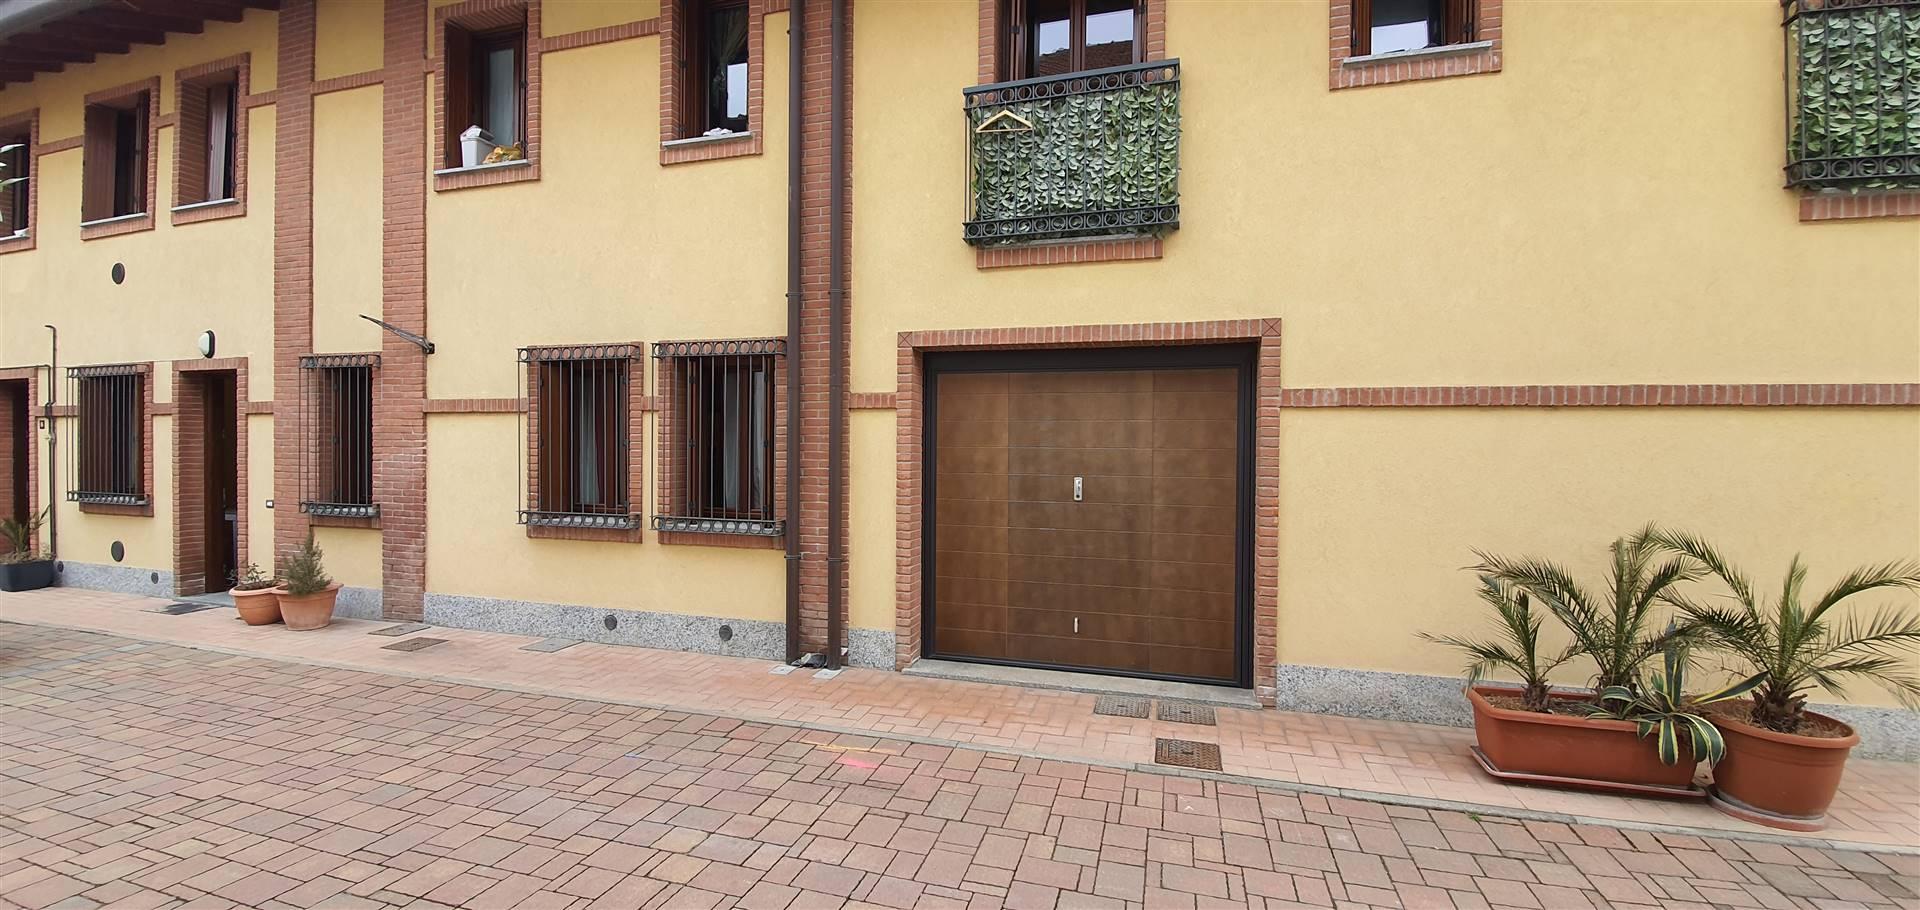 Appartamento in affitto a Paderno Dugnano, 2 locali, zona Zona: Palazzolo Milanese, prezzo € 600 | CambioCasa.it